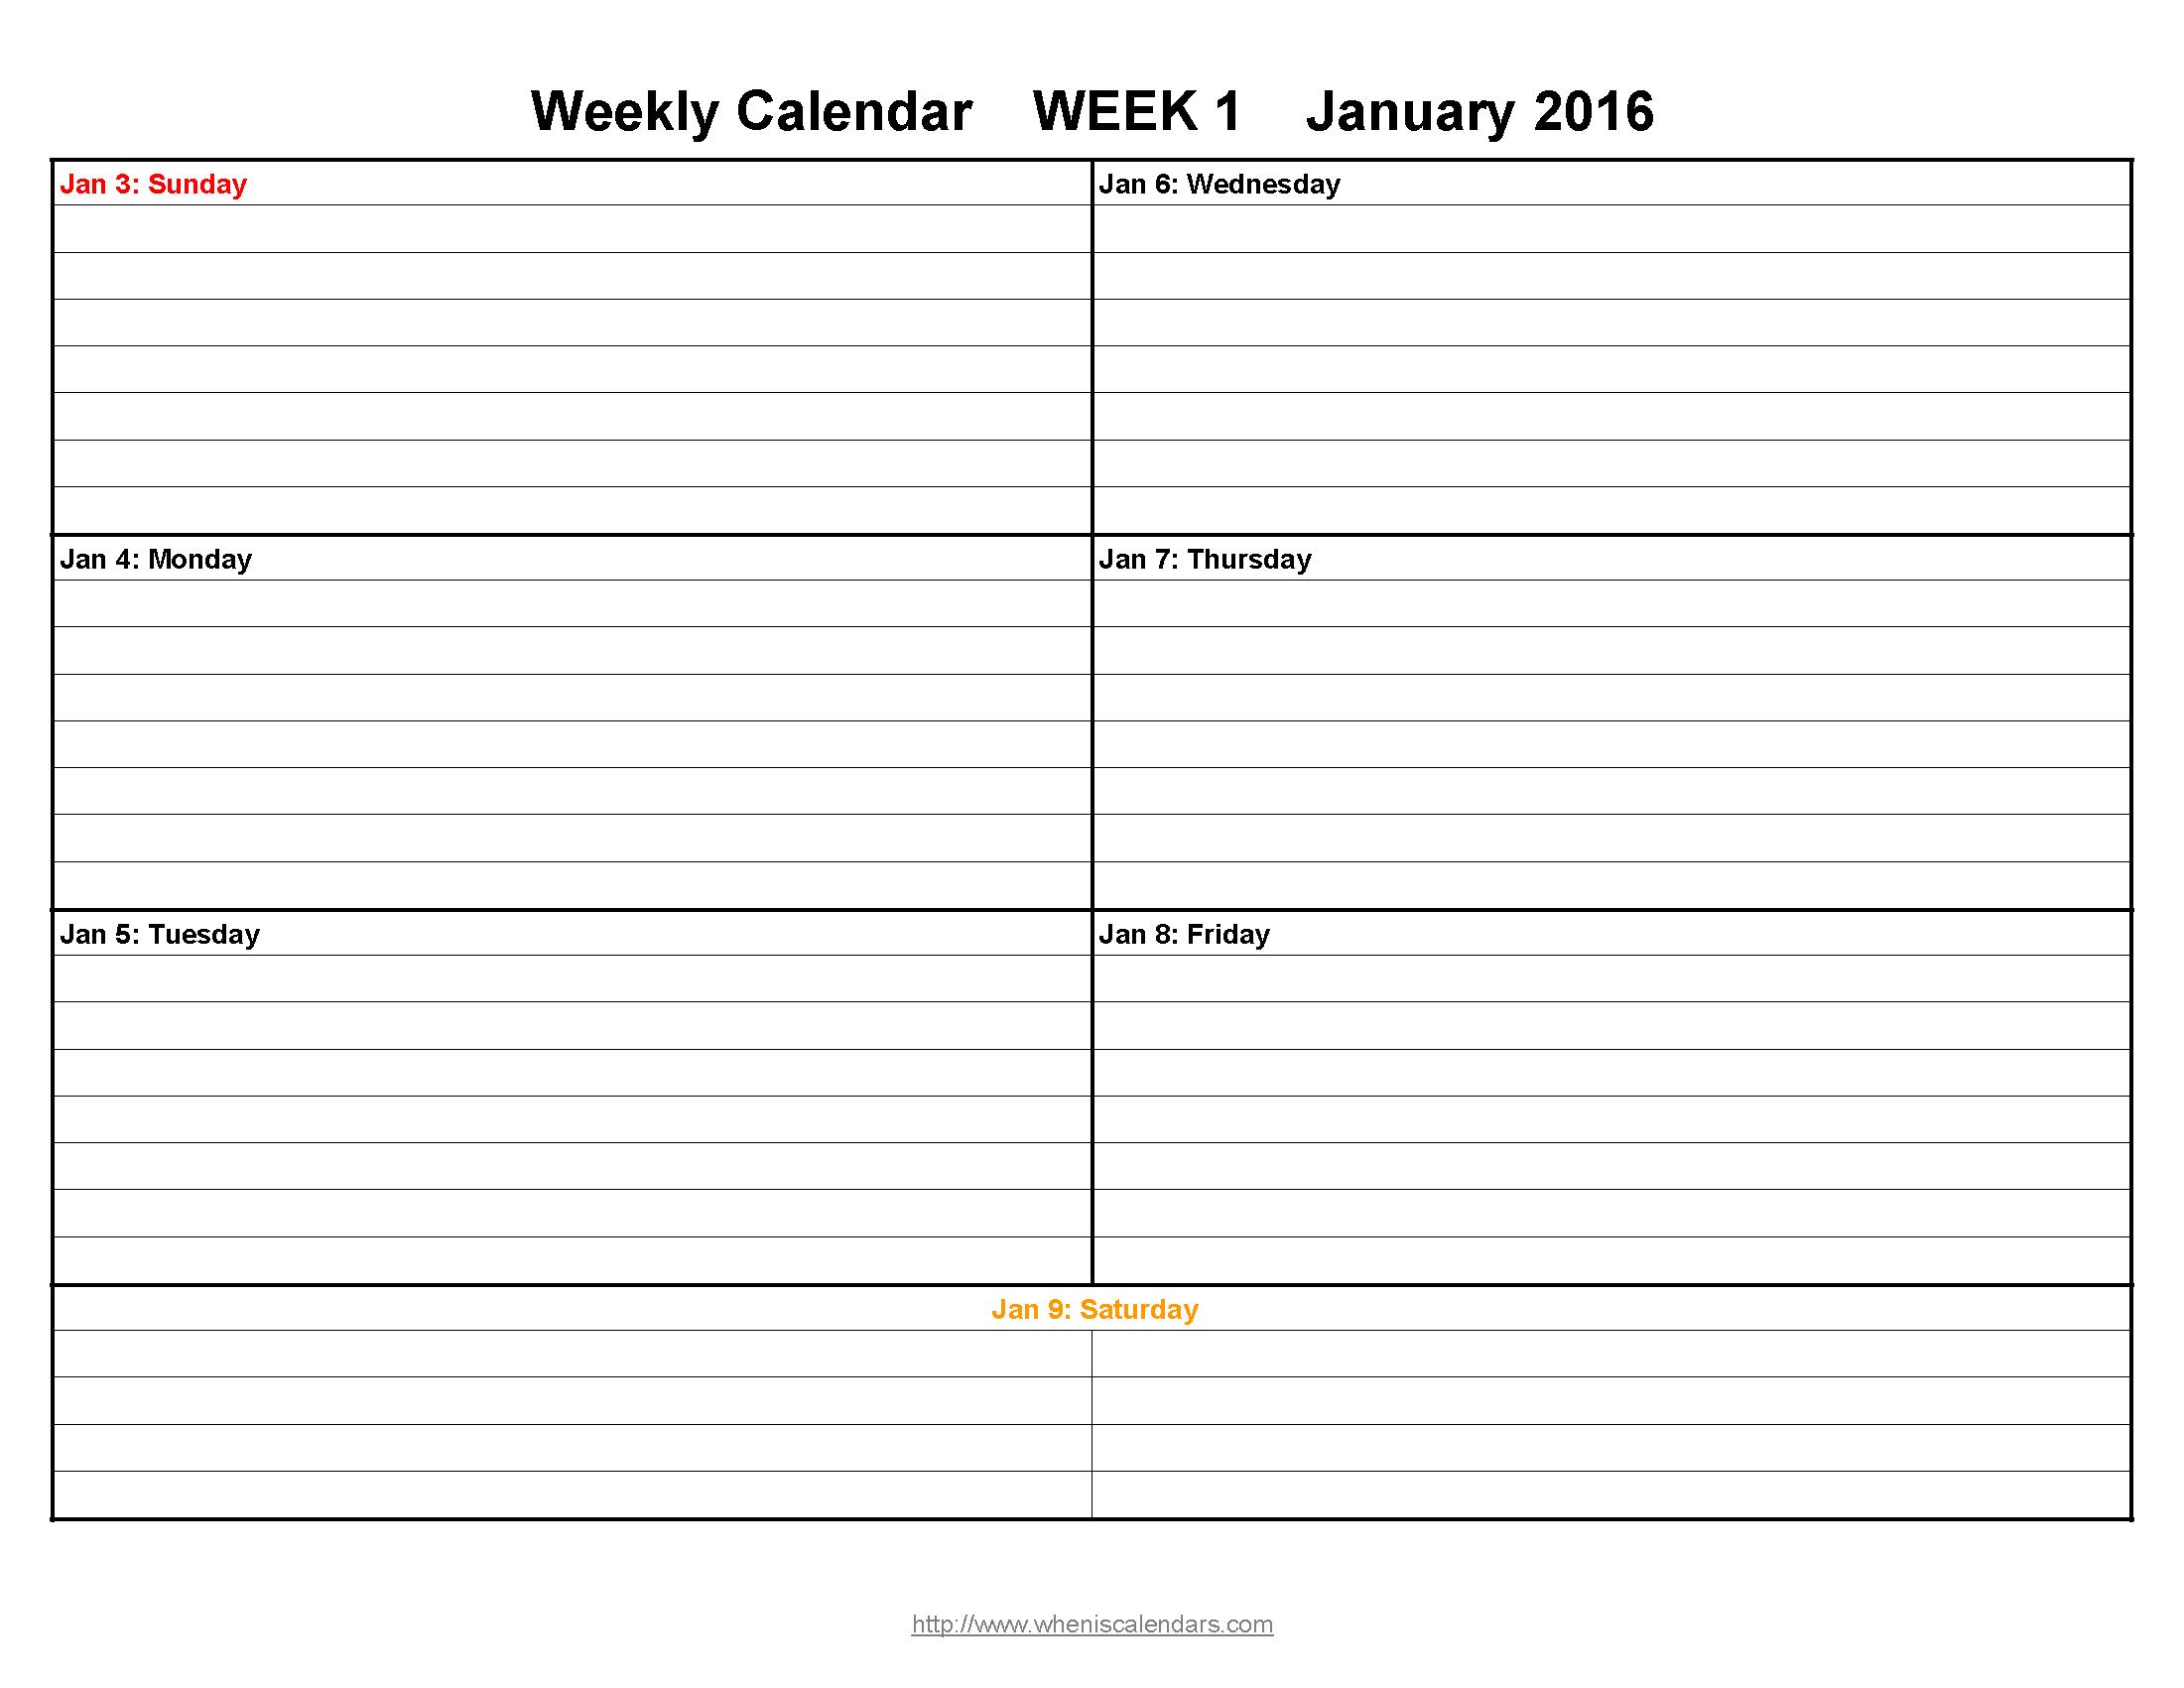 Free Printable Weekly Calendars 2016 | Aaron The Artist - Free Printable Pocket Planner 2016